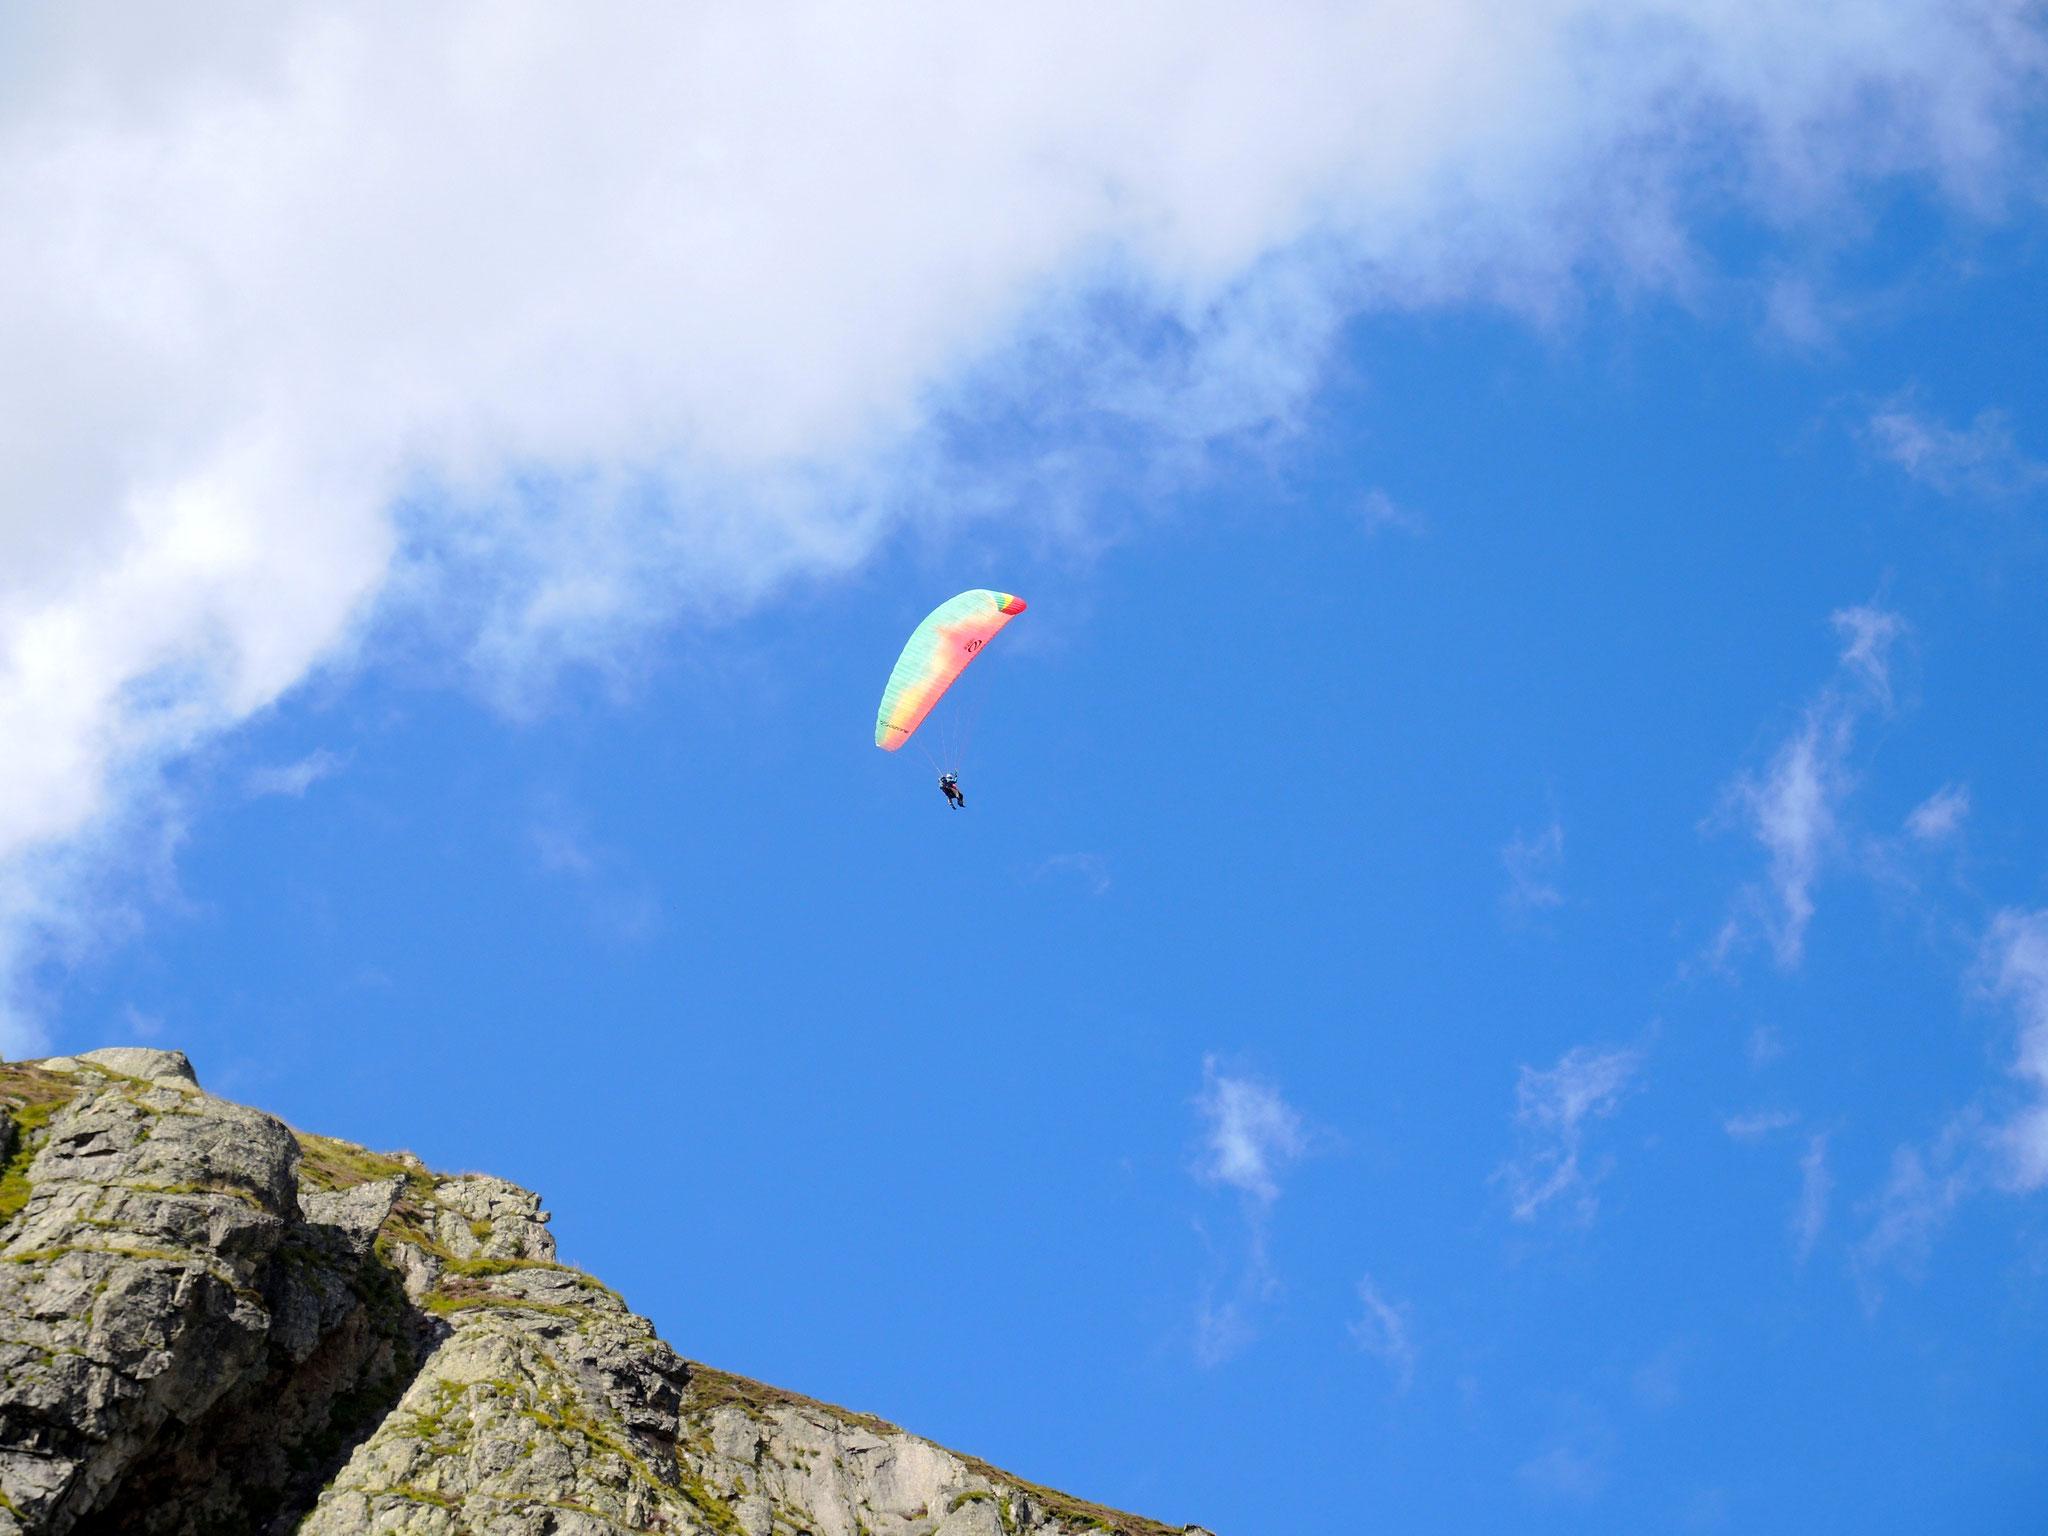 ... 34: ohne Anstrengung- Gleitschirmflug ins Tal